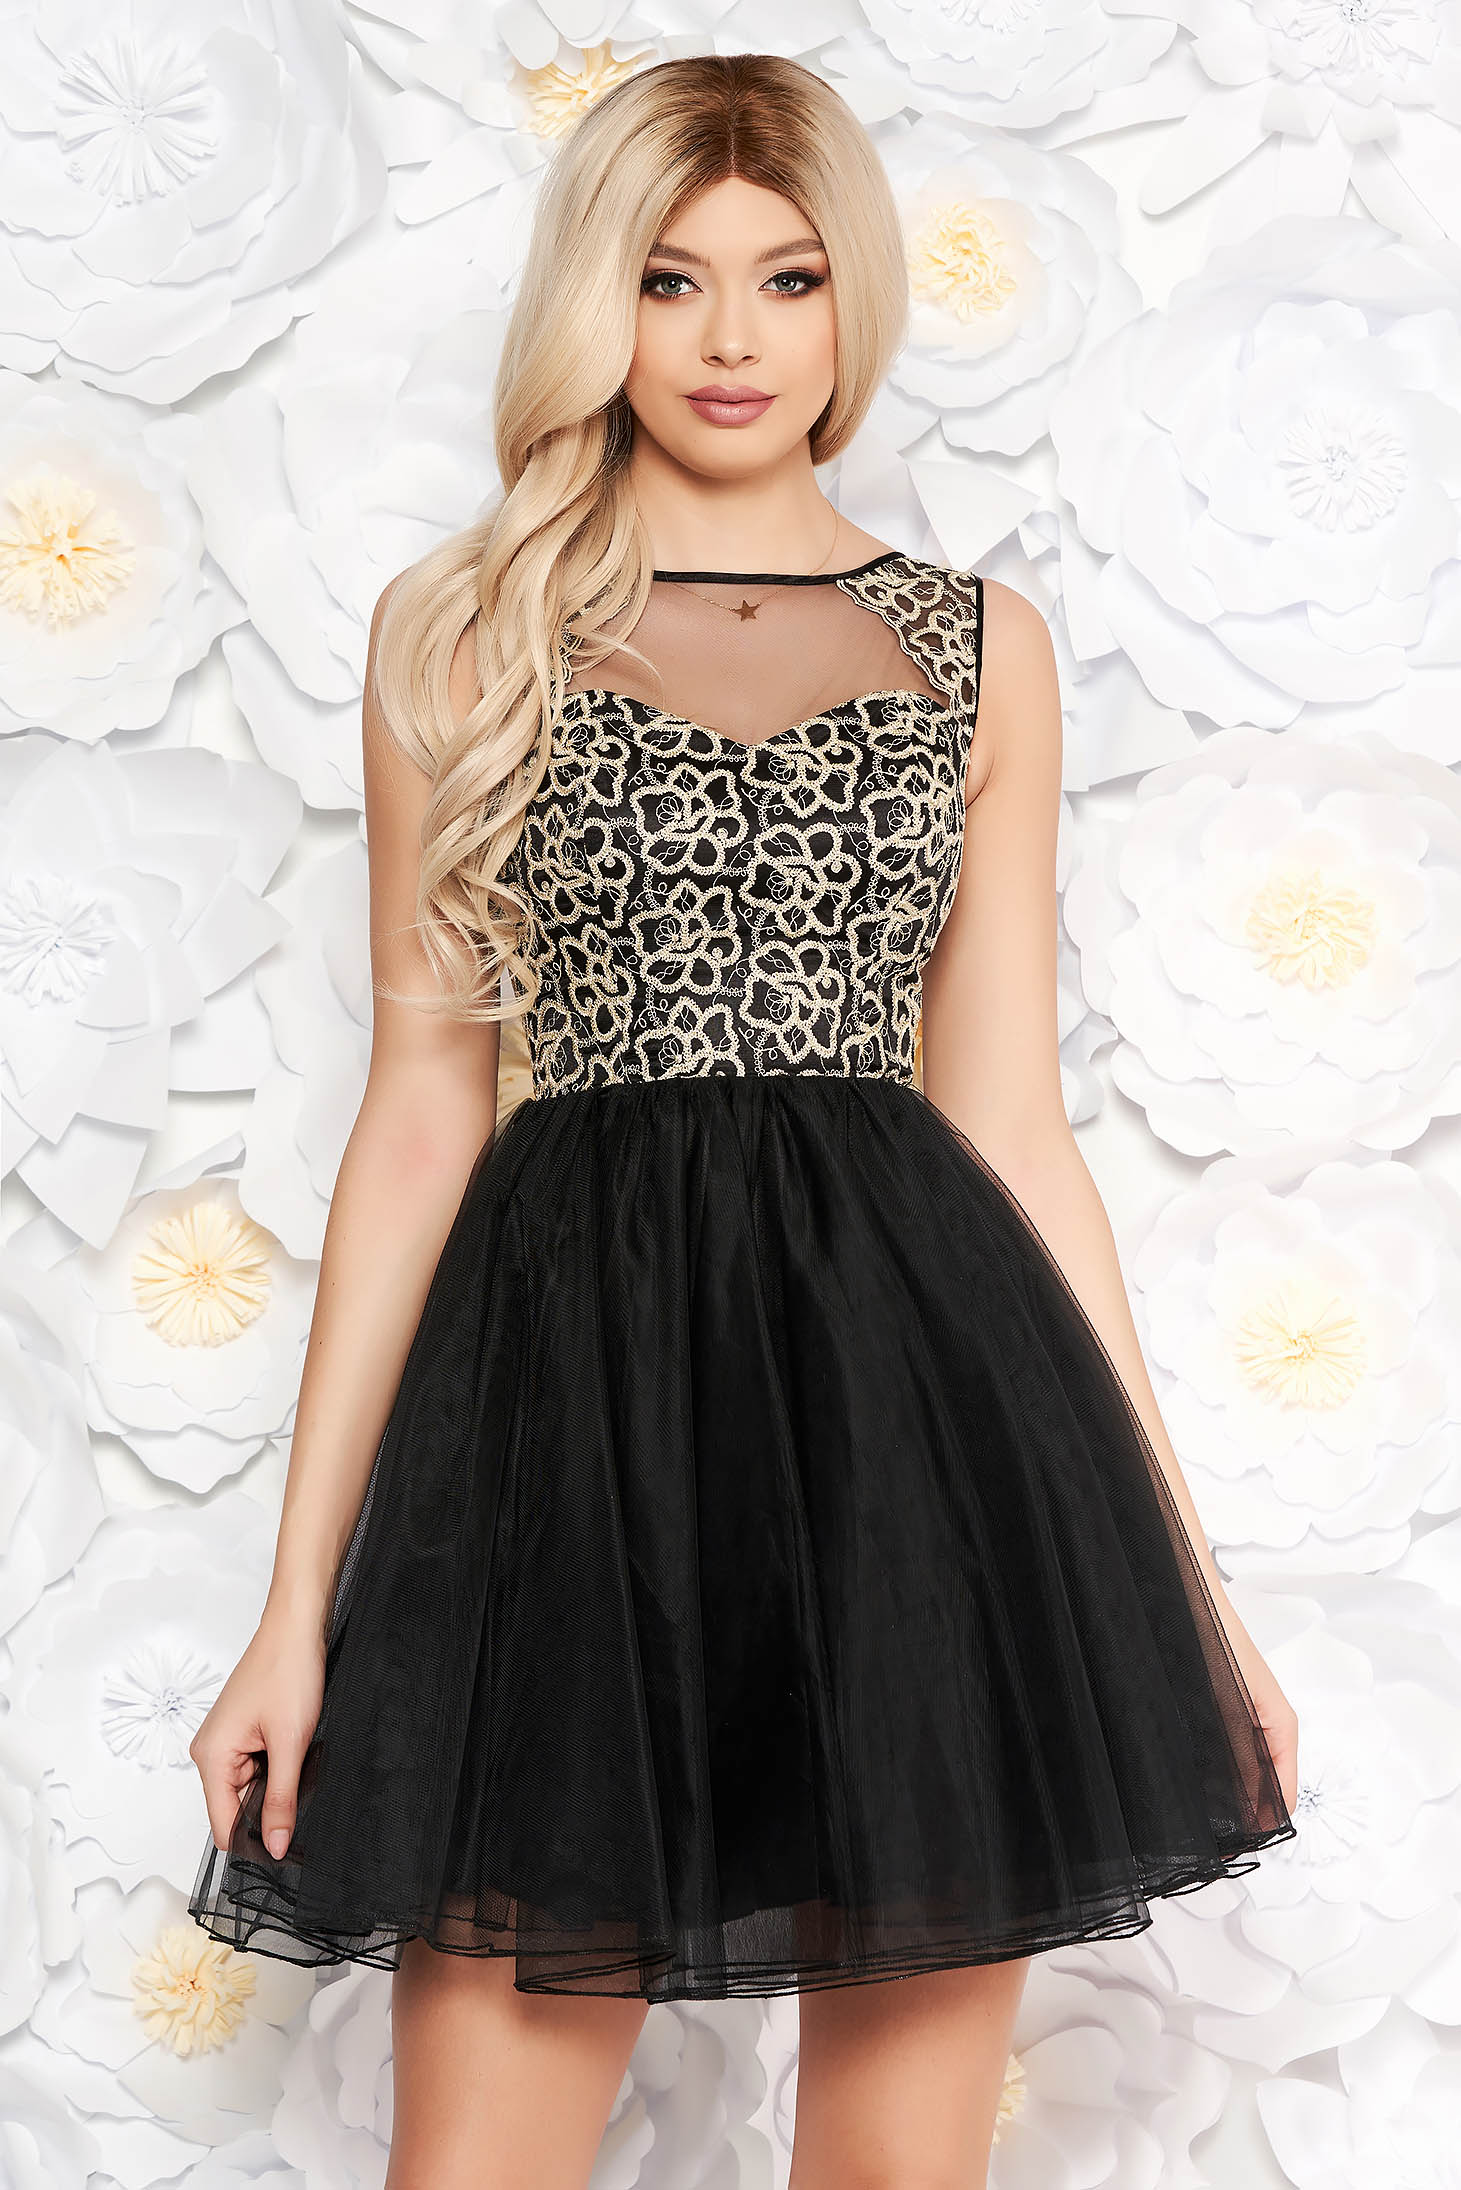 Deréktól bővülő szabású fekete ruha fátyol csipke díszítéssel